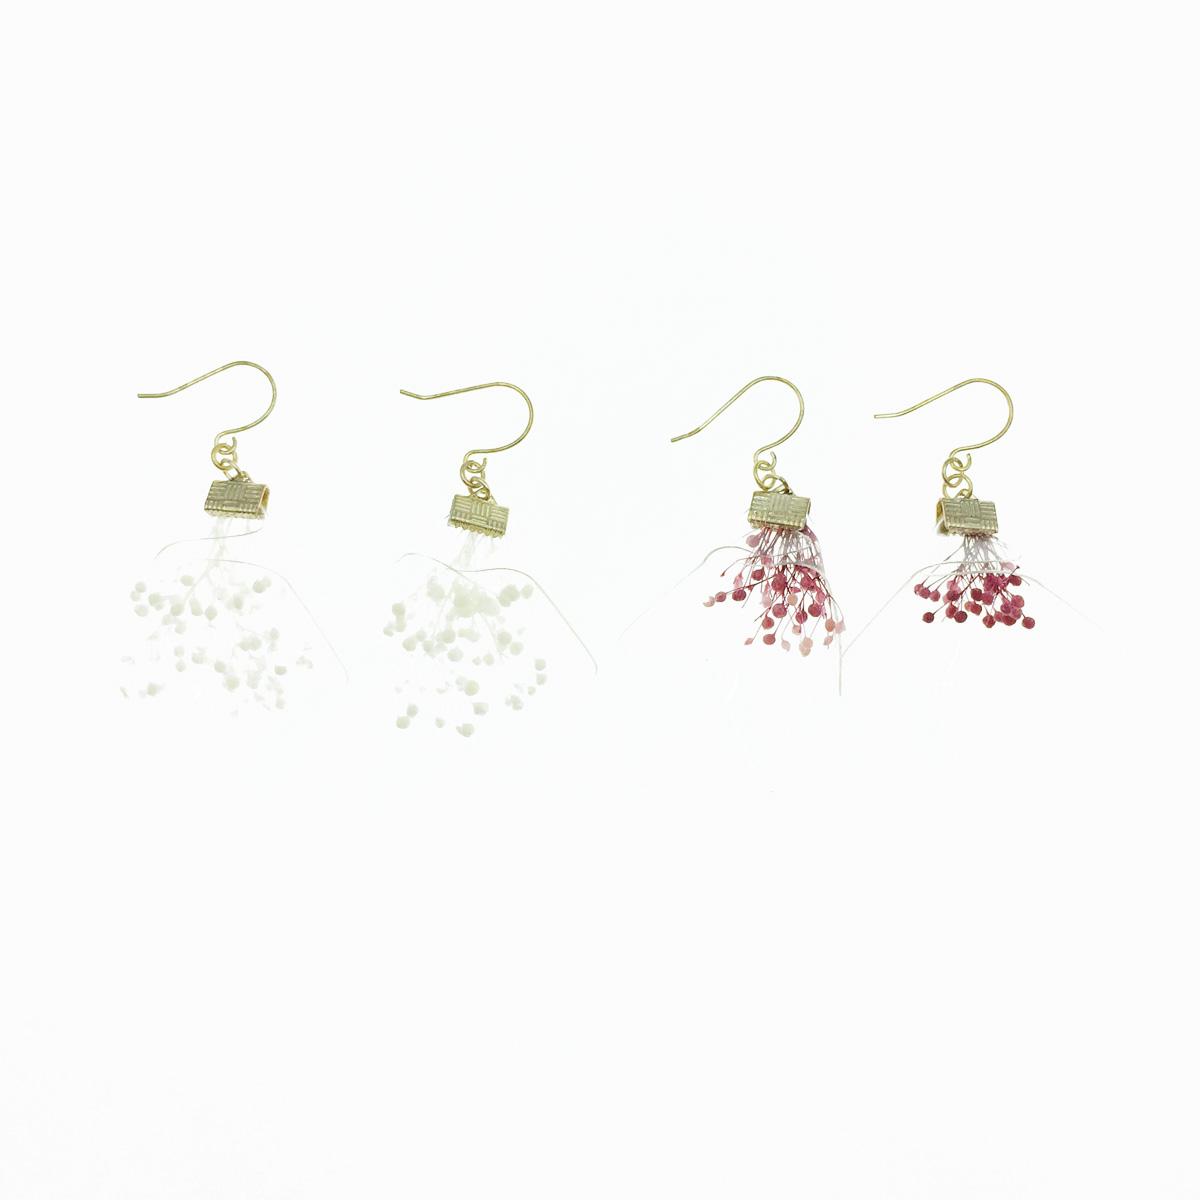 韓國 透明感 乾操花 氣質甜美 2色 垂墜感 耳勾式耳環